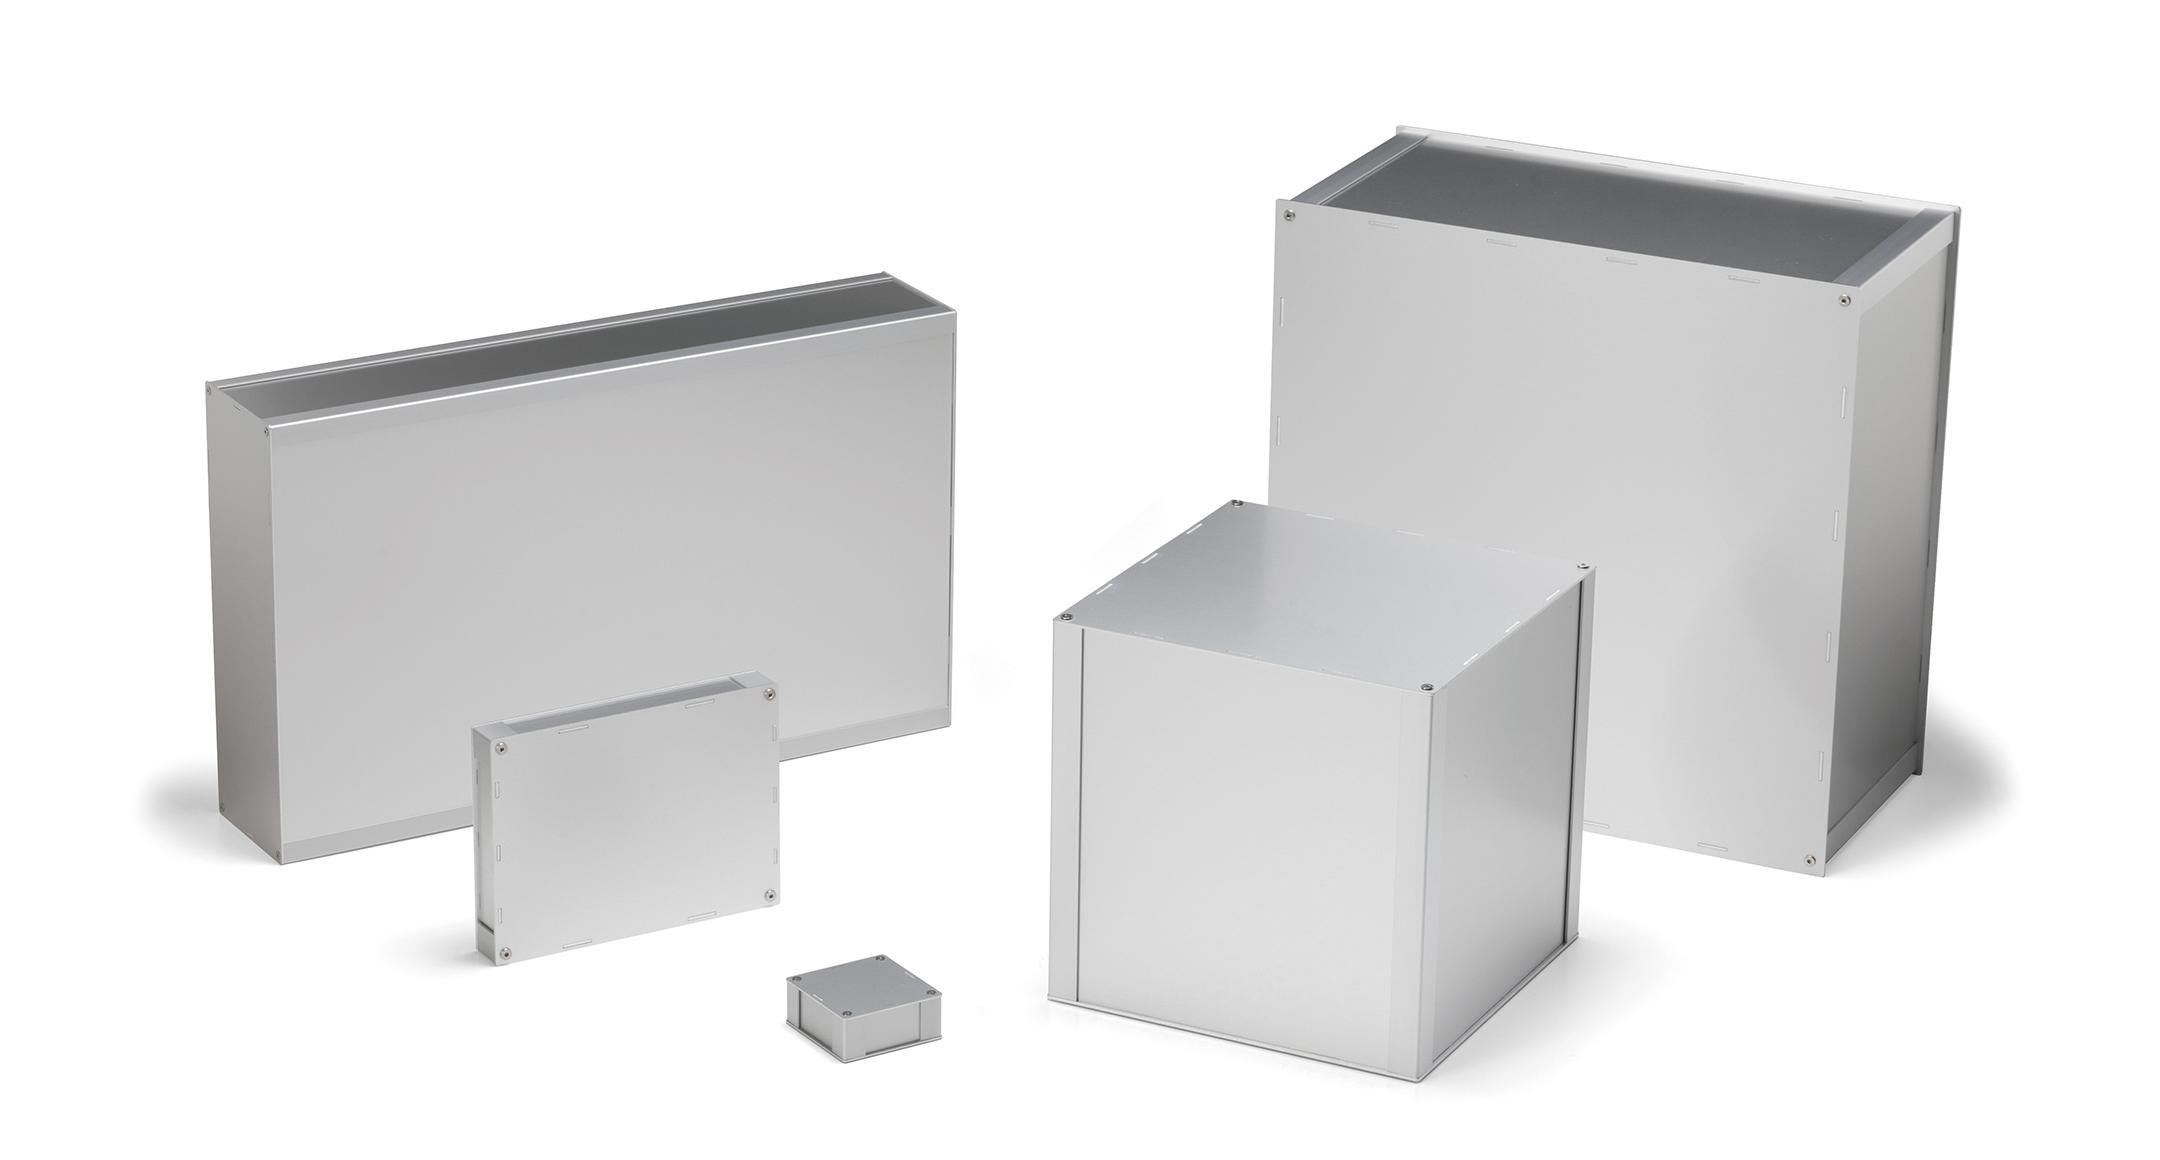 アルミフレーム フリーサイズボックス ALSFの画像